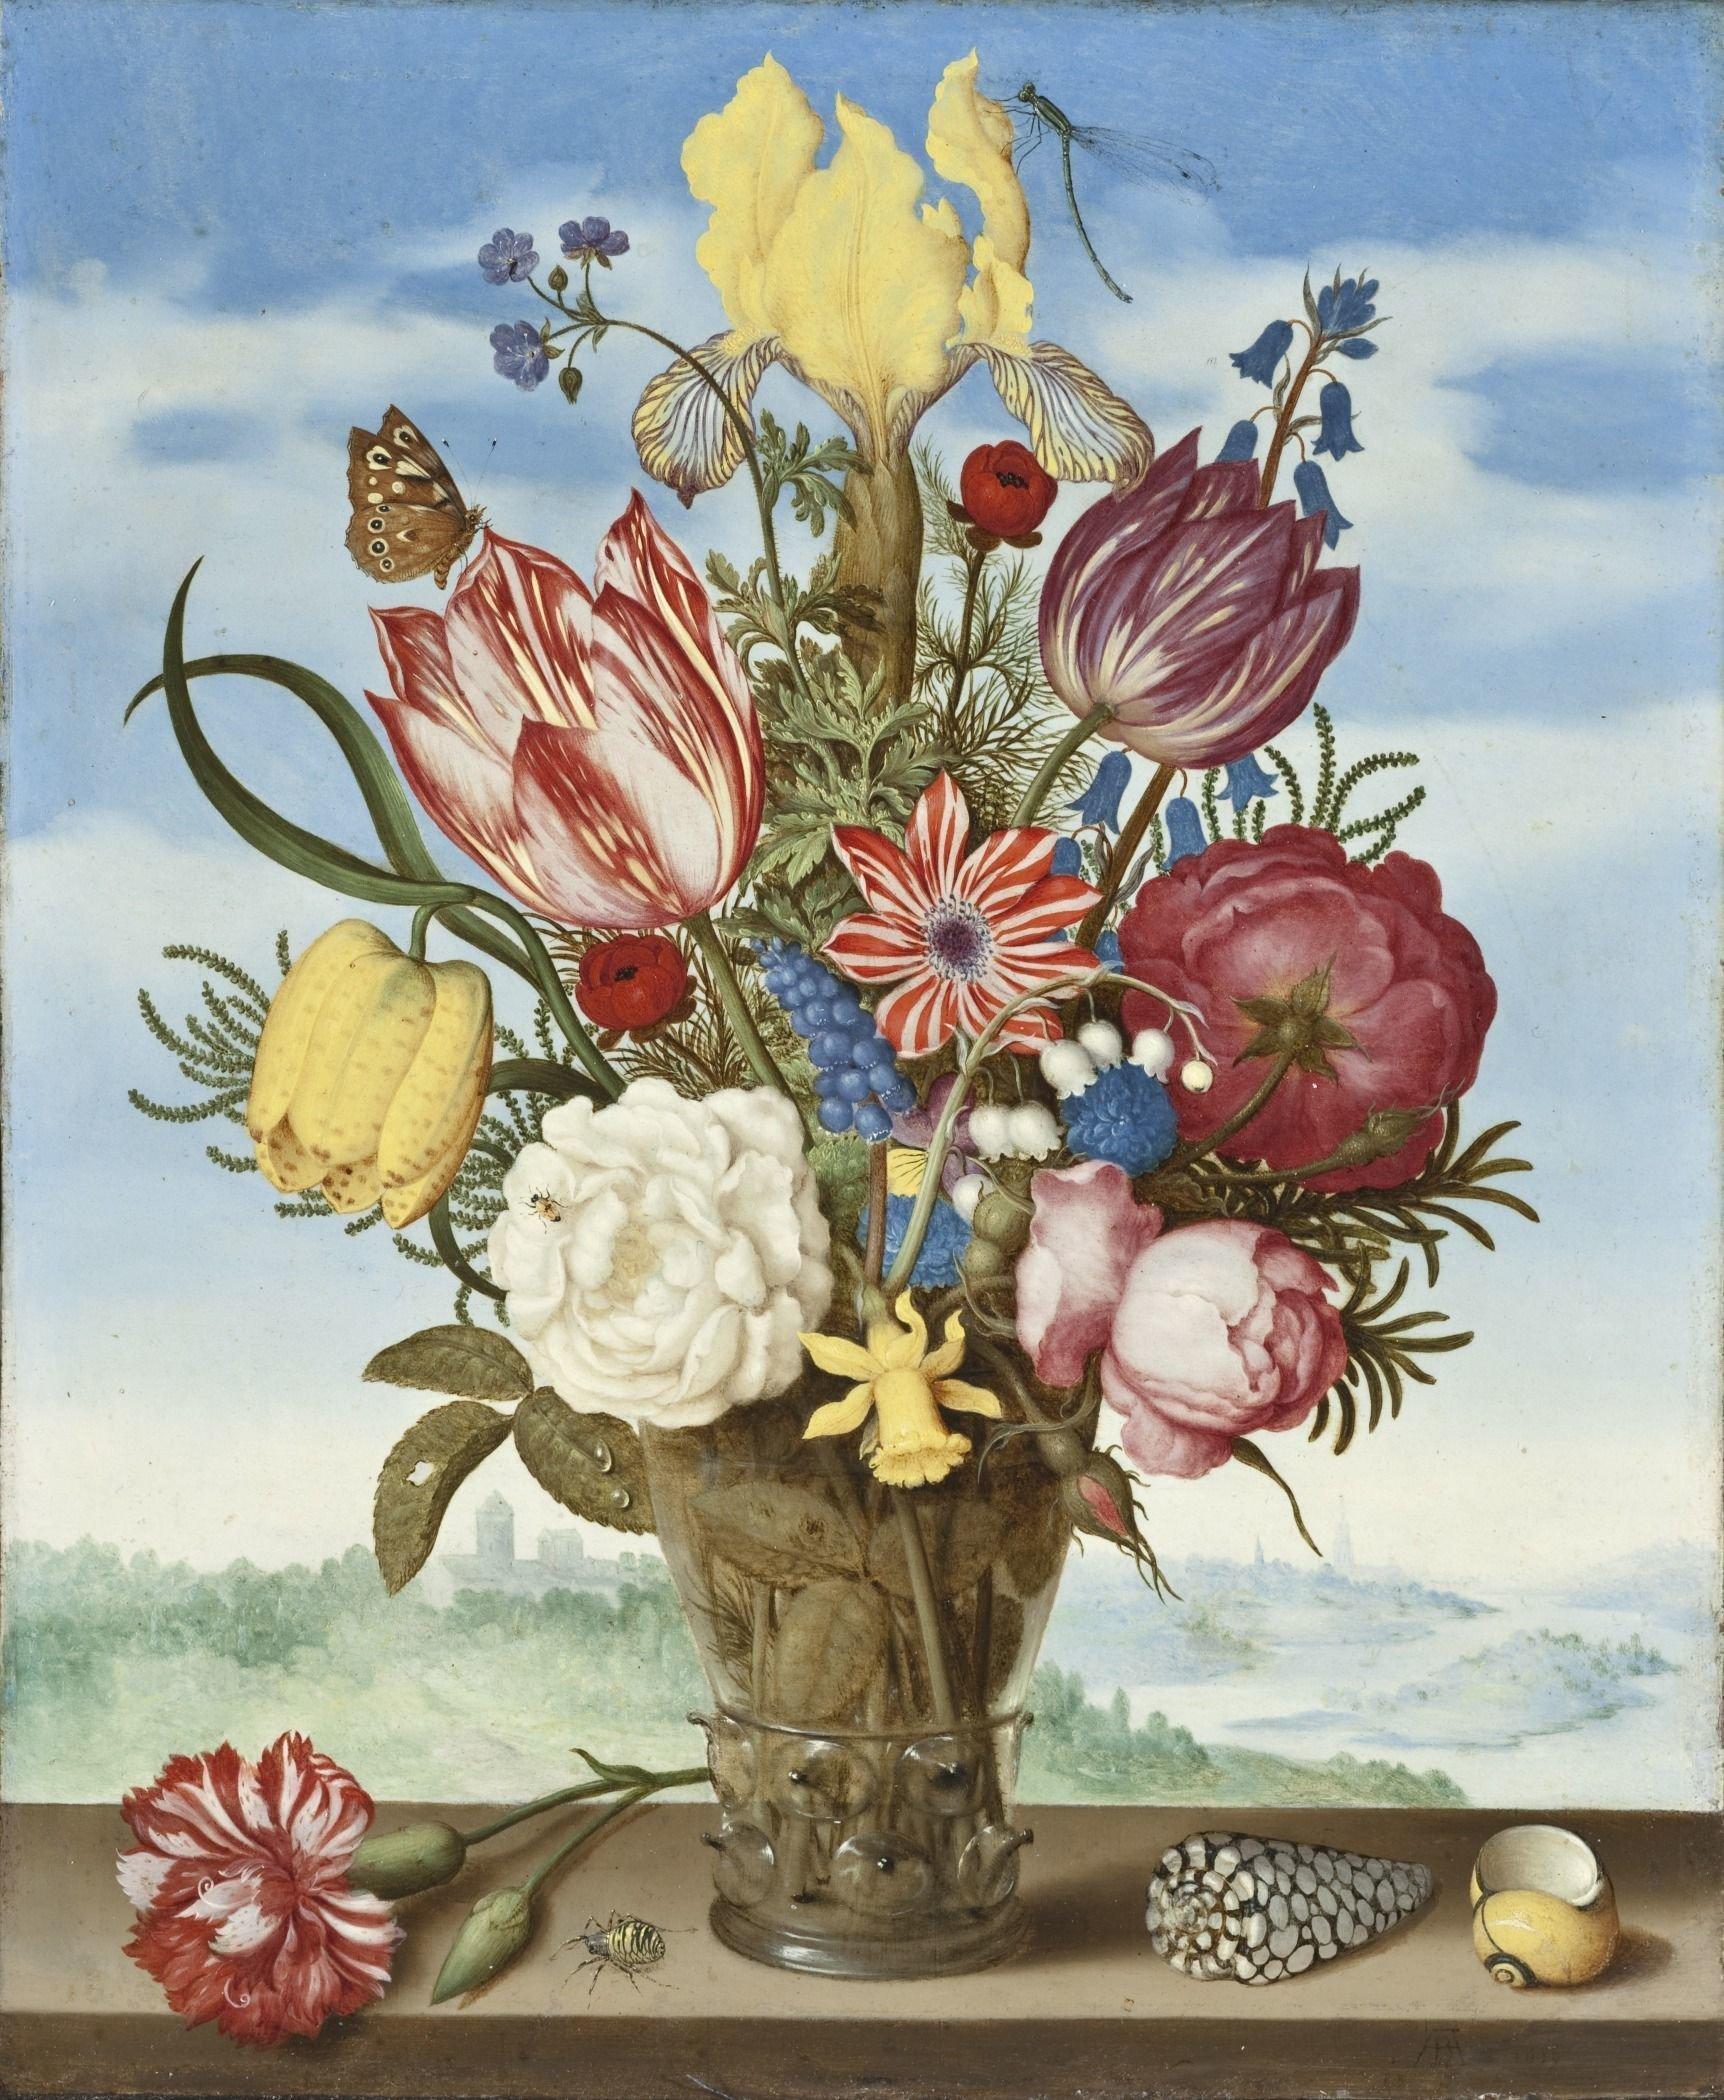 цветы в изобразительном искусстве картинки парижских показах фигурировали